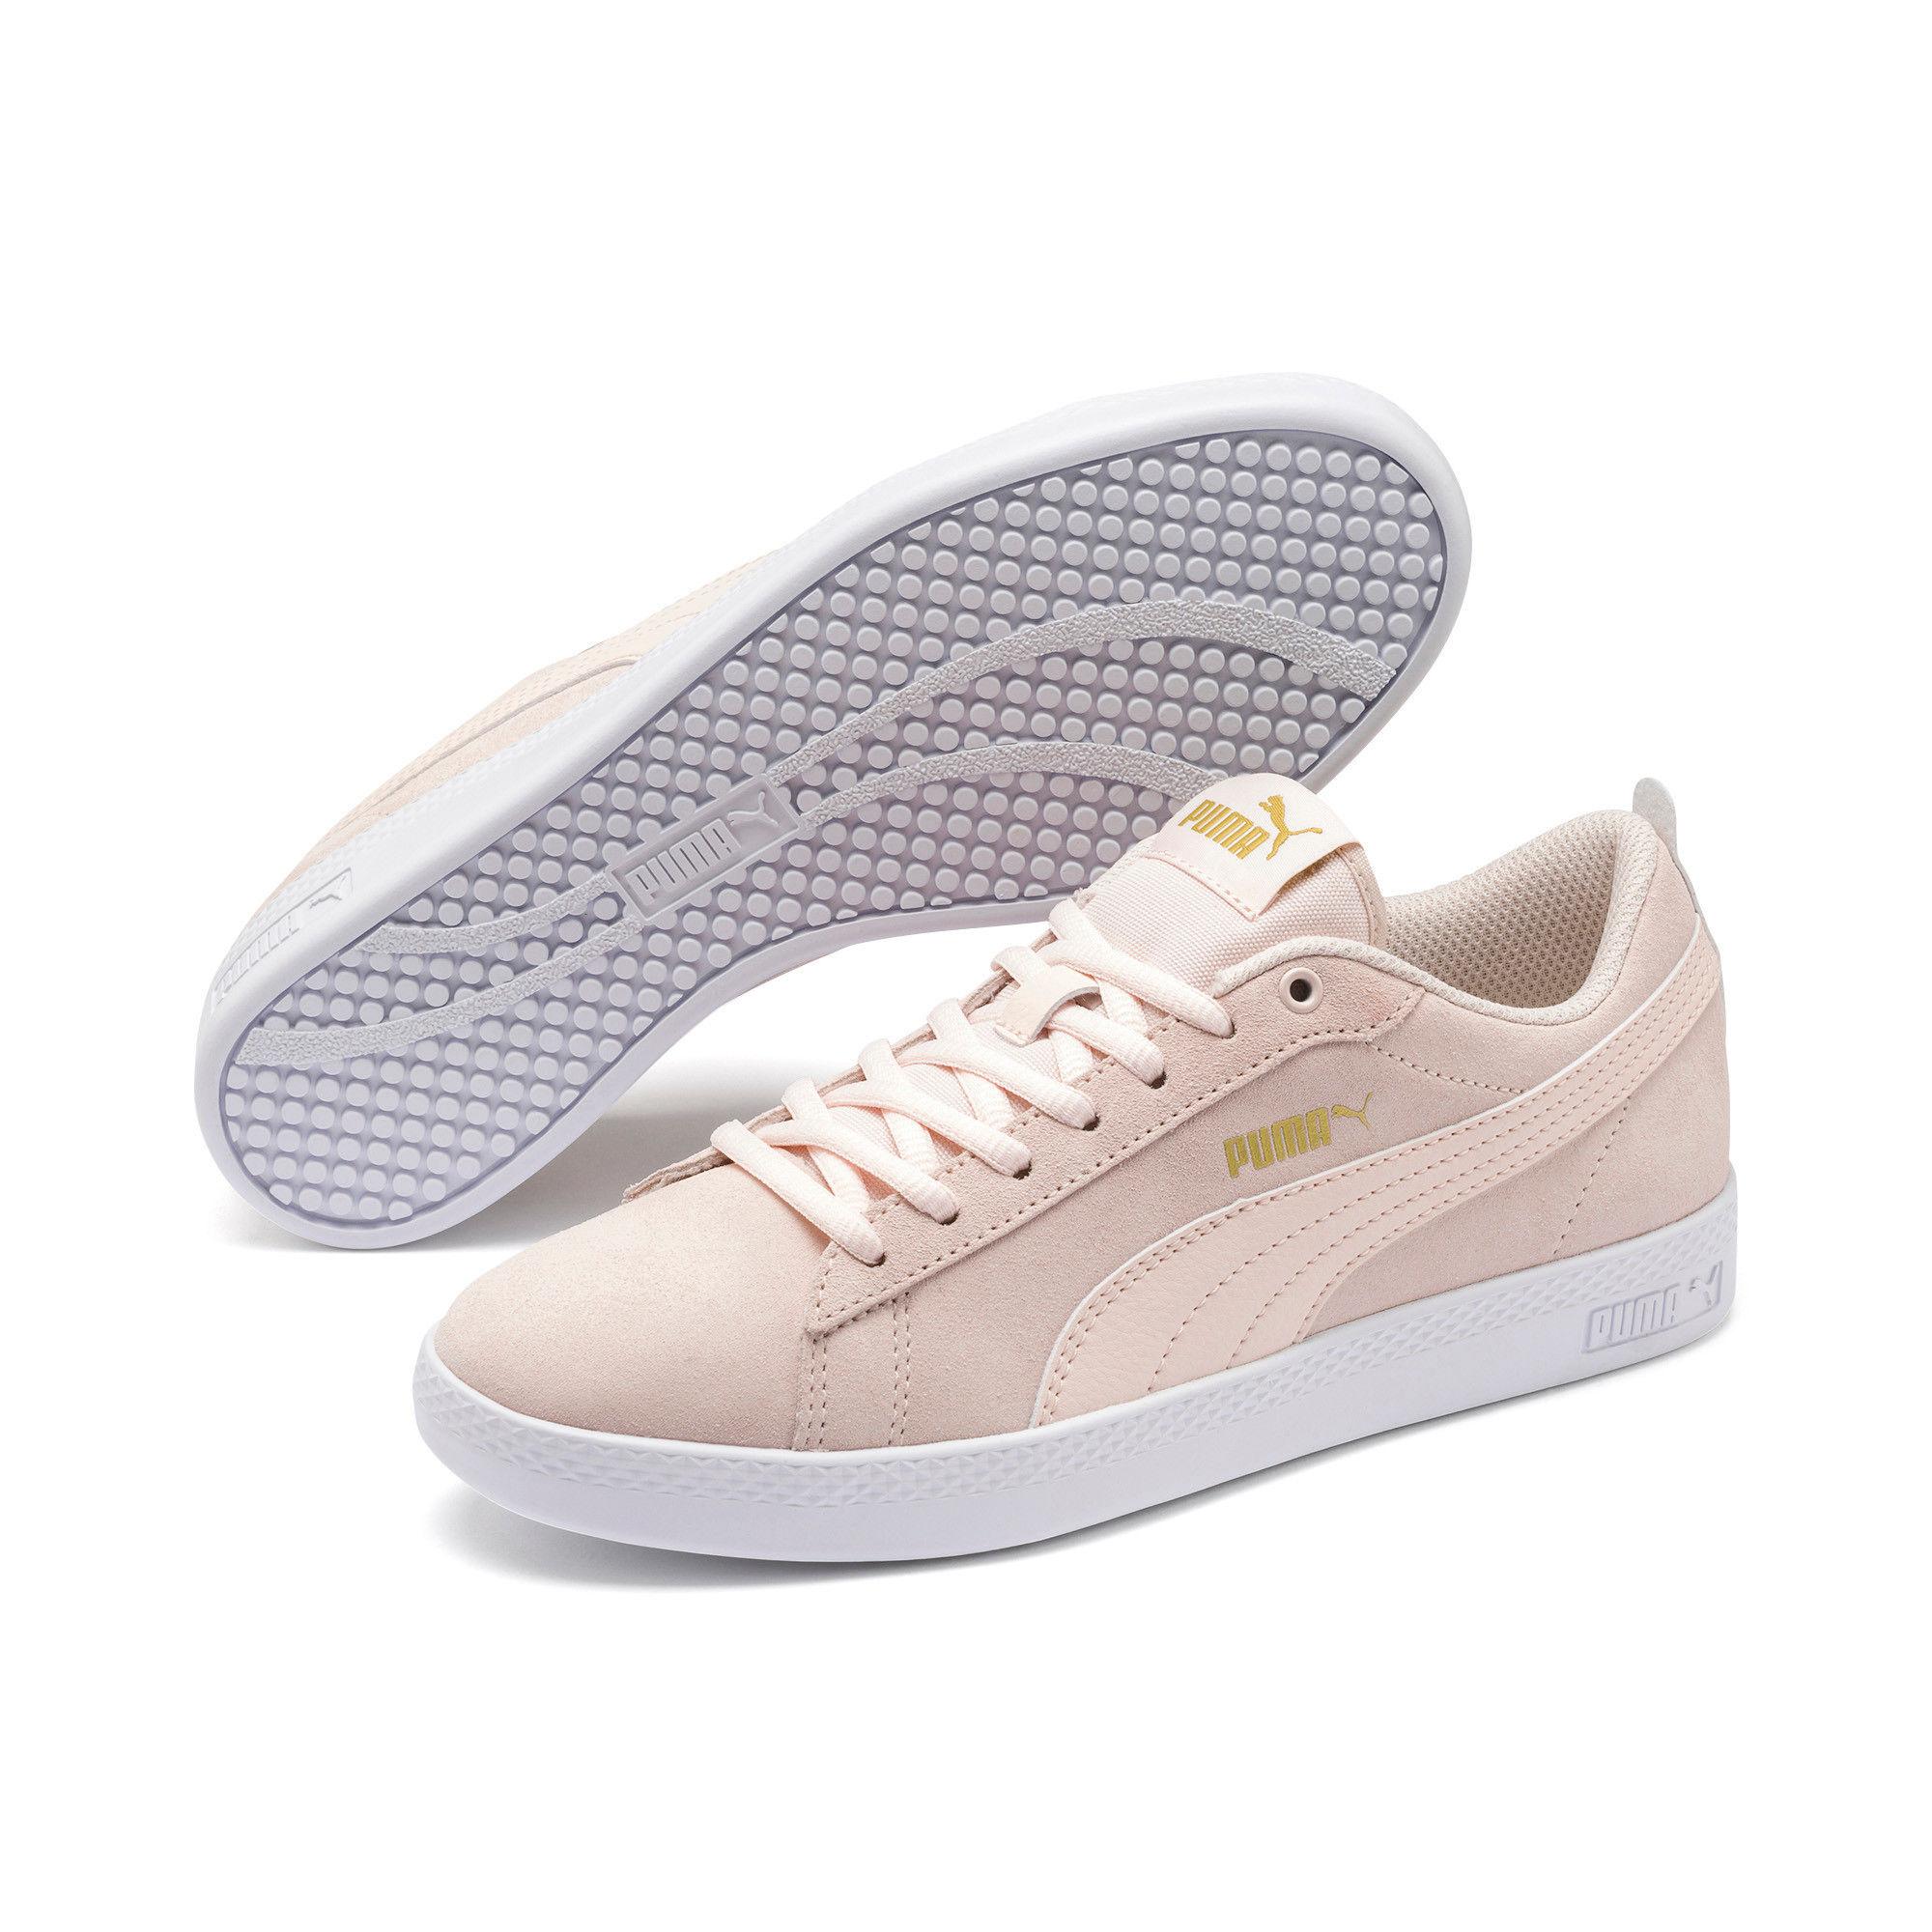 Puma Smash V2 SD Women's Shoes: Buy